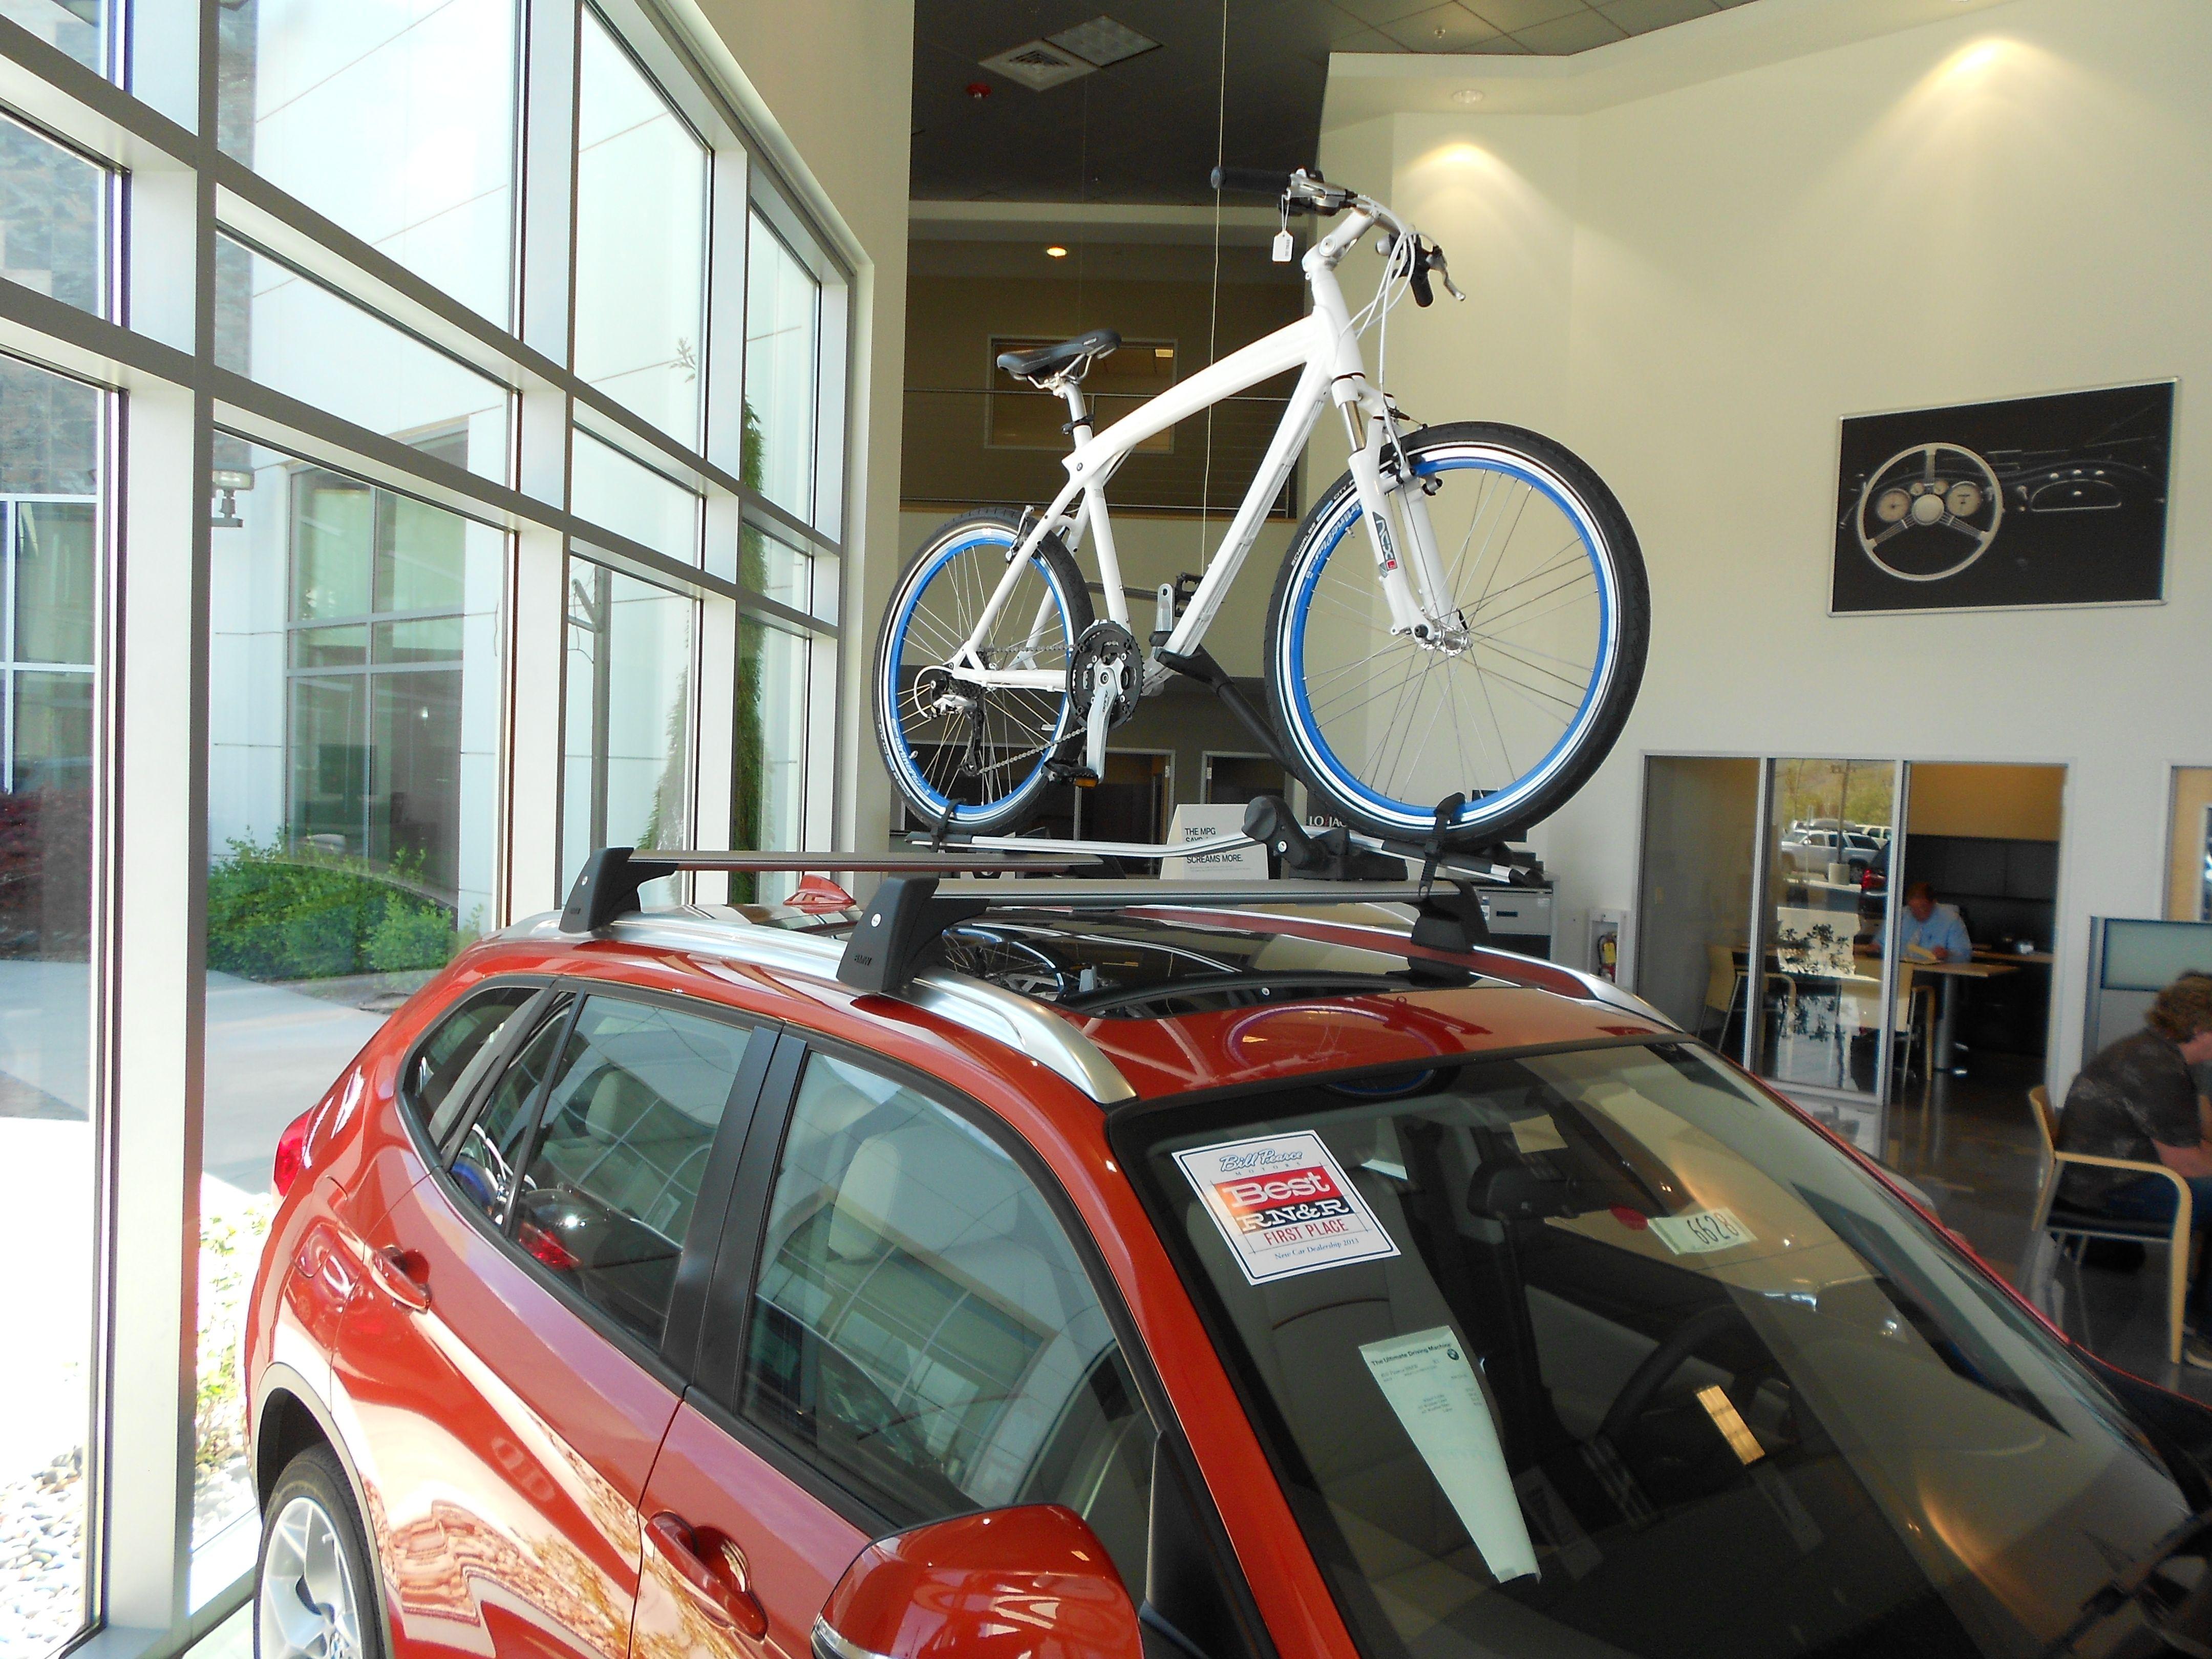 accessories for bmws bike rack and a bmw bike bill pearce motors reno bmw bike rack bike pinterest